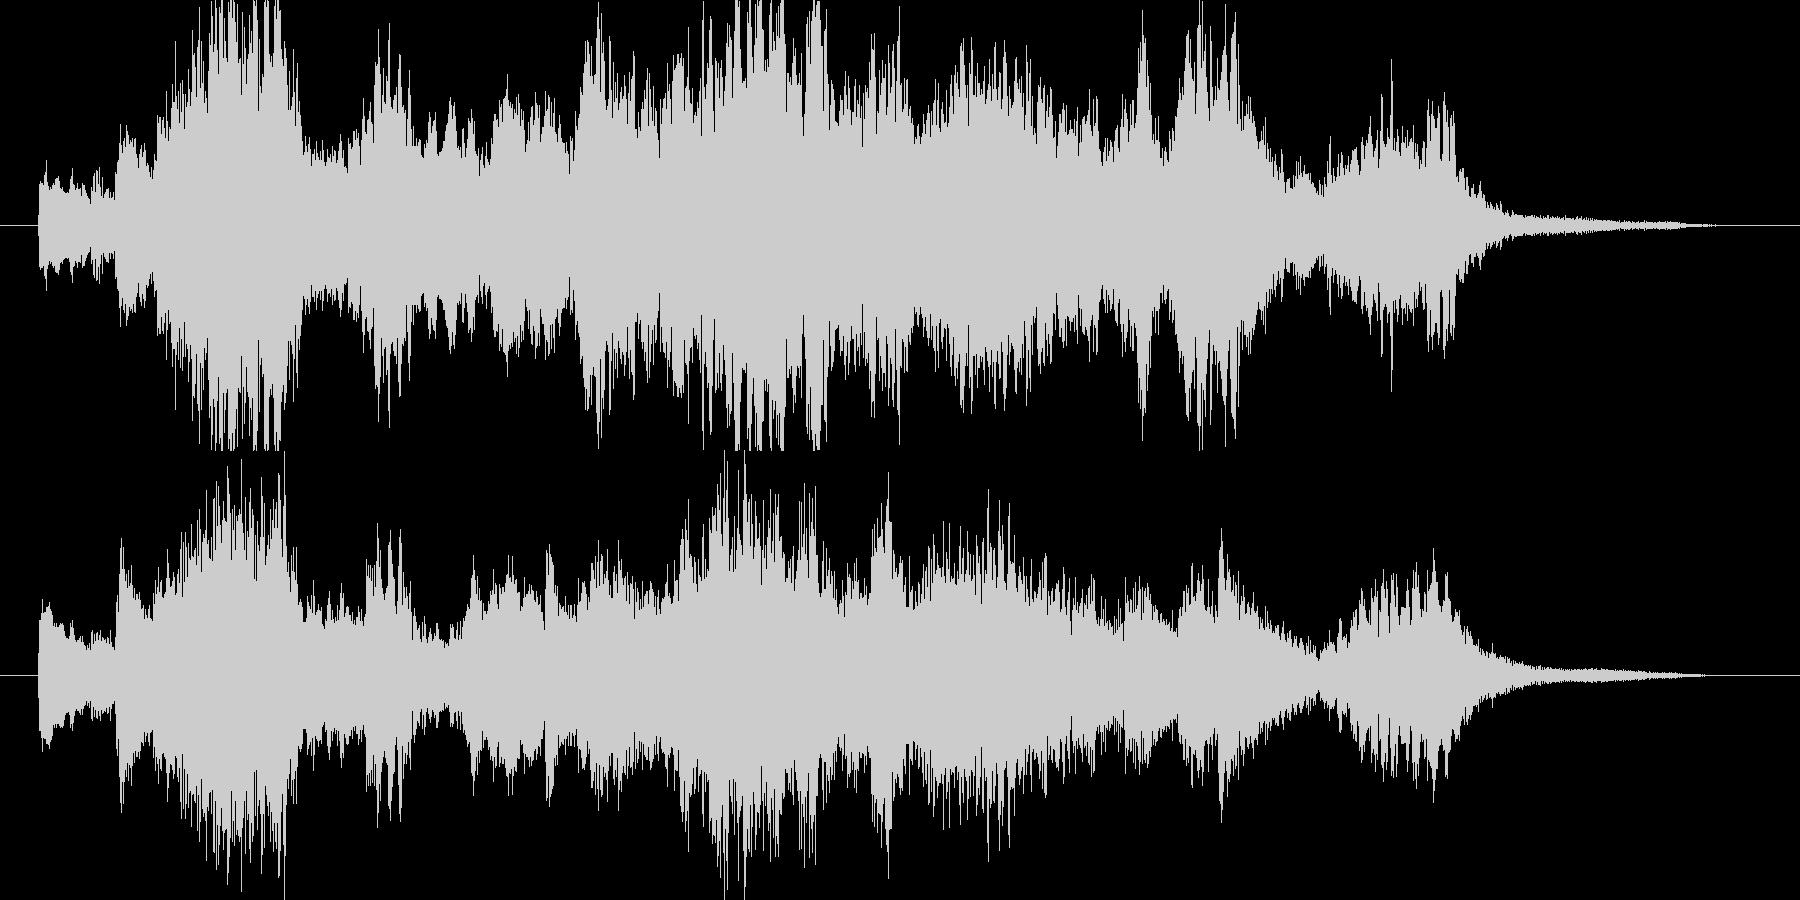 ピアノとバイオリンの調べ 30秒の未再生の波形